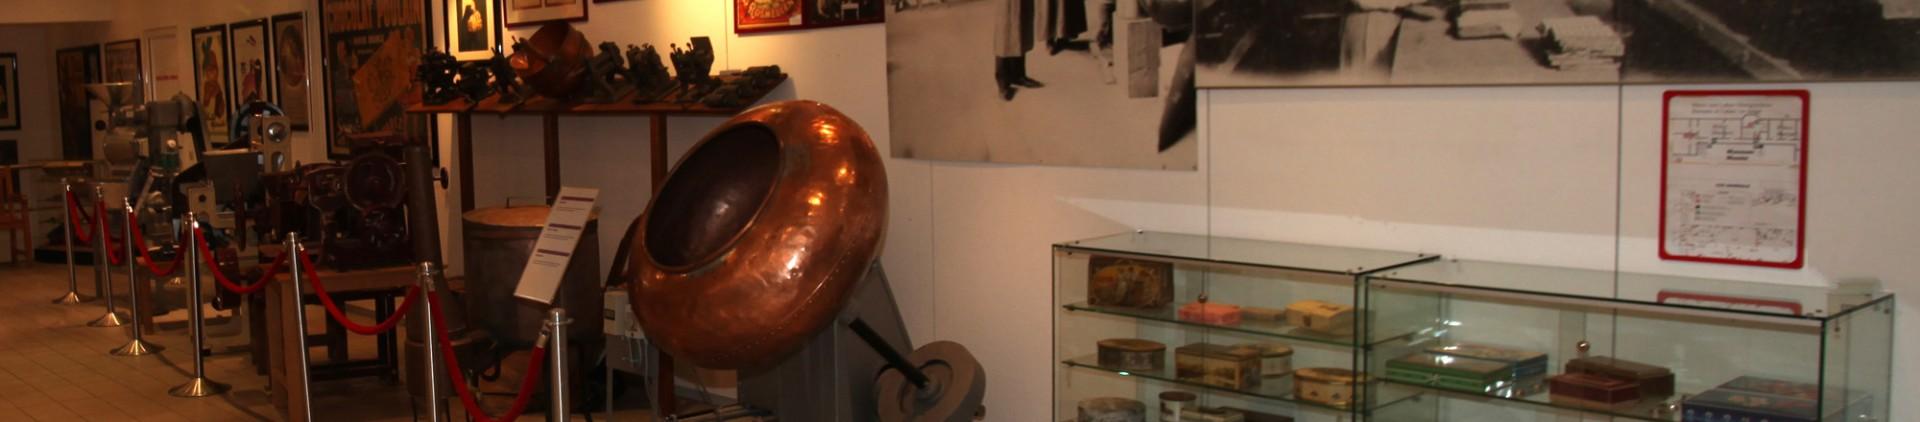 Musées - Route du chocolat en province de Liège